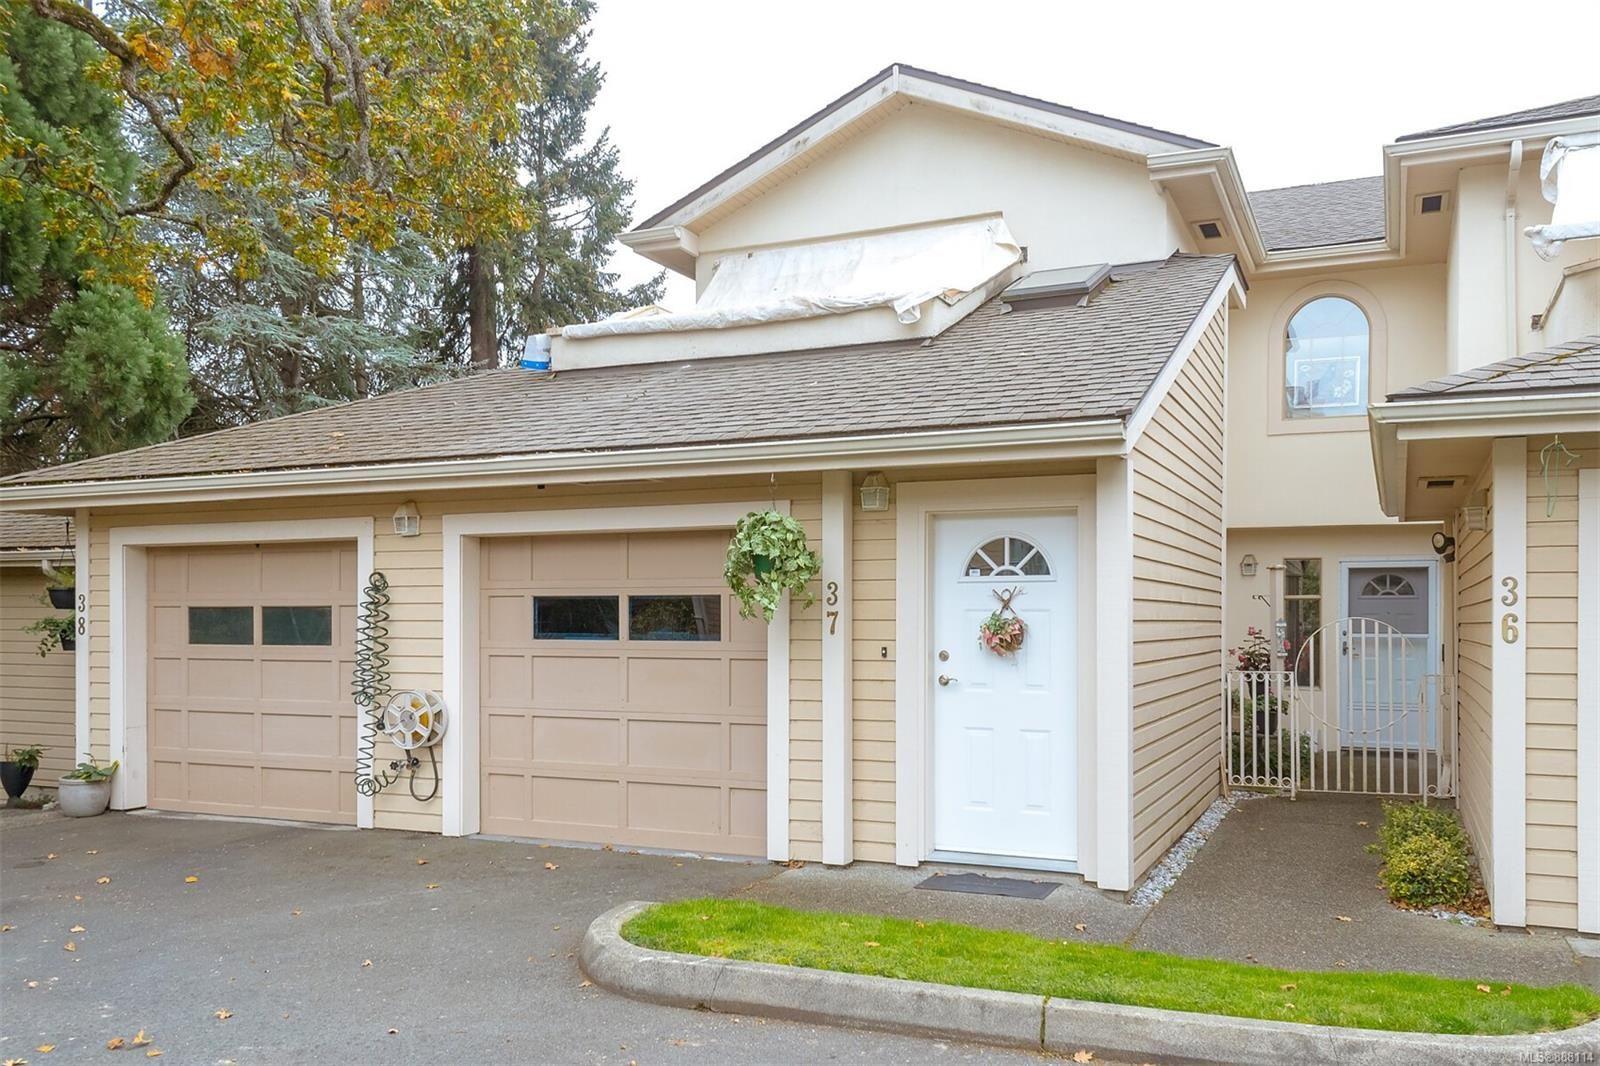 Main Photo: 37 850 Parklands Dr in : Es Gorge Vale Row/Townhouse for sale (Esquimalt)  : MLS®# 888114